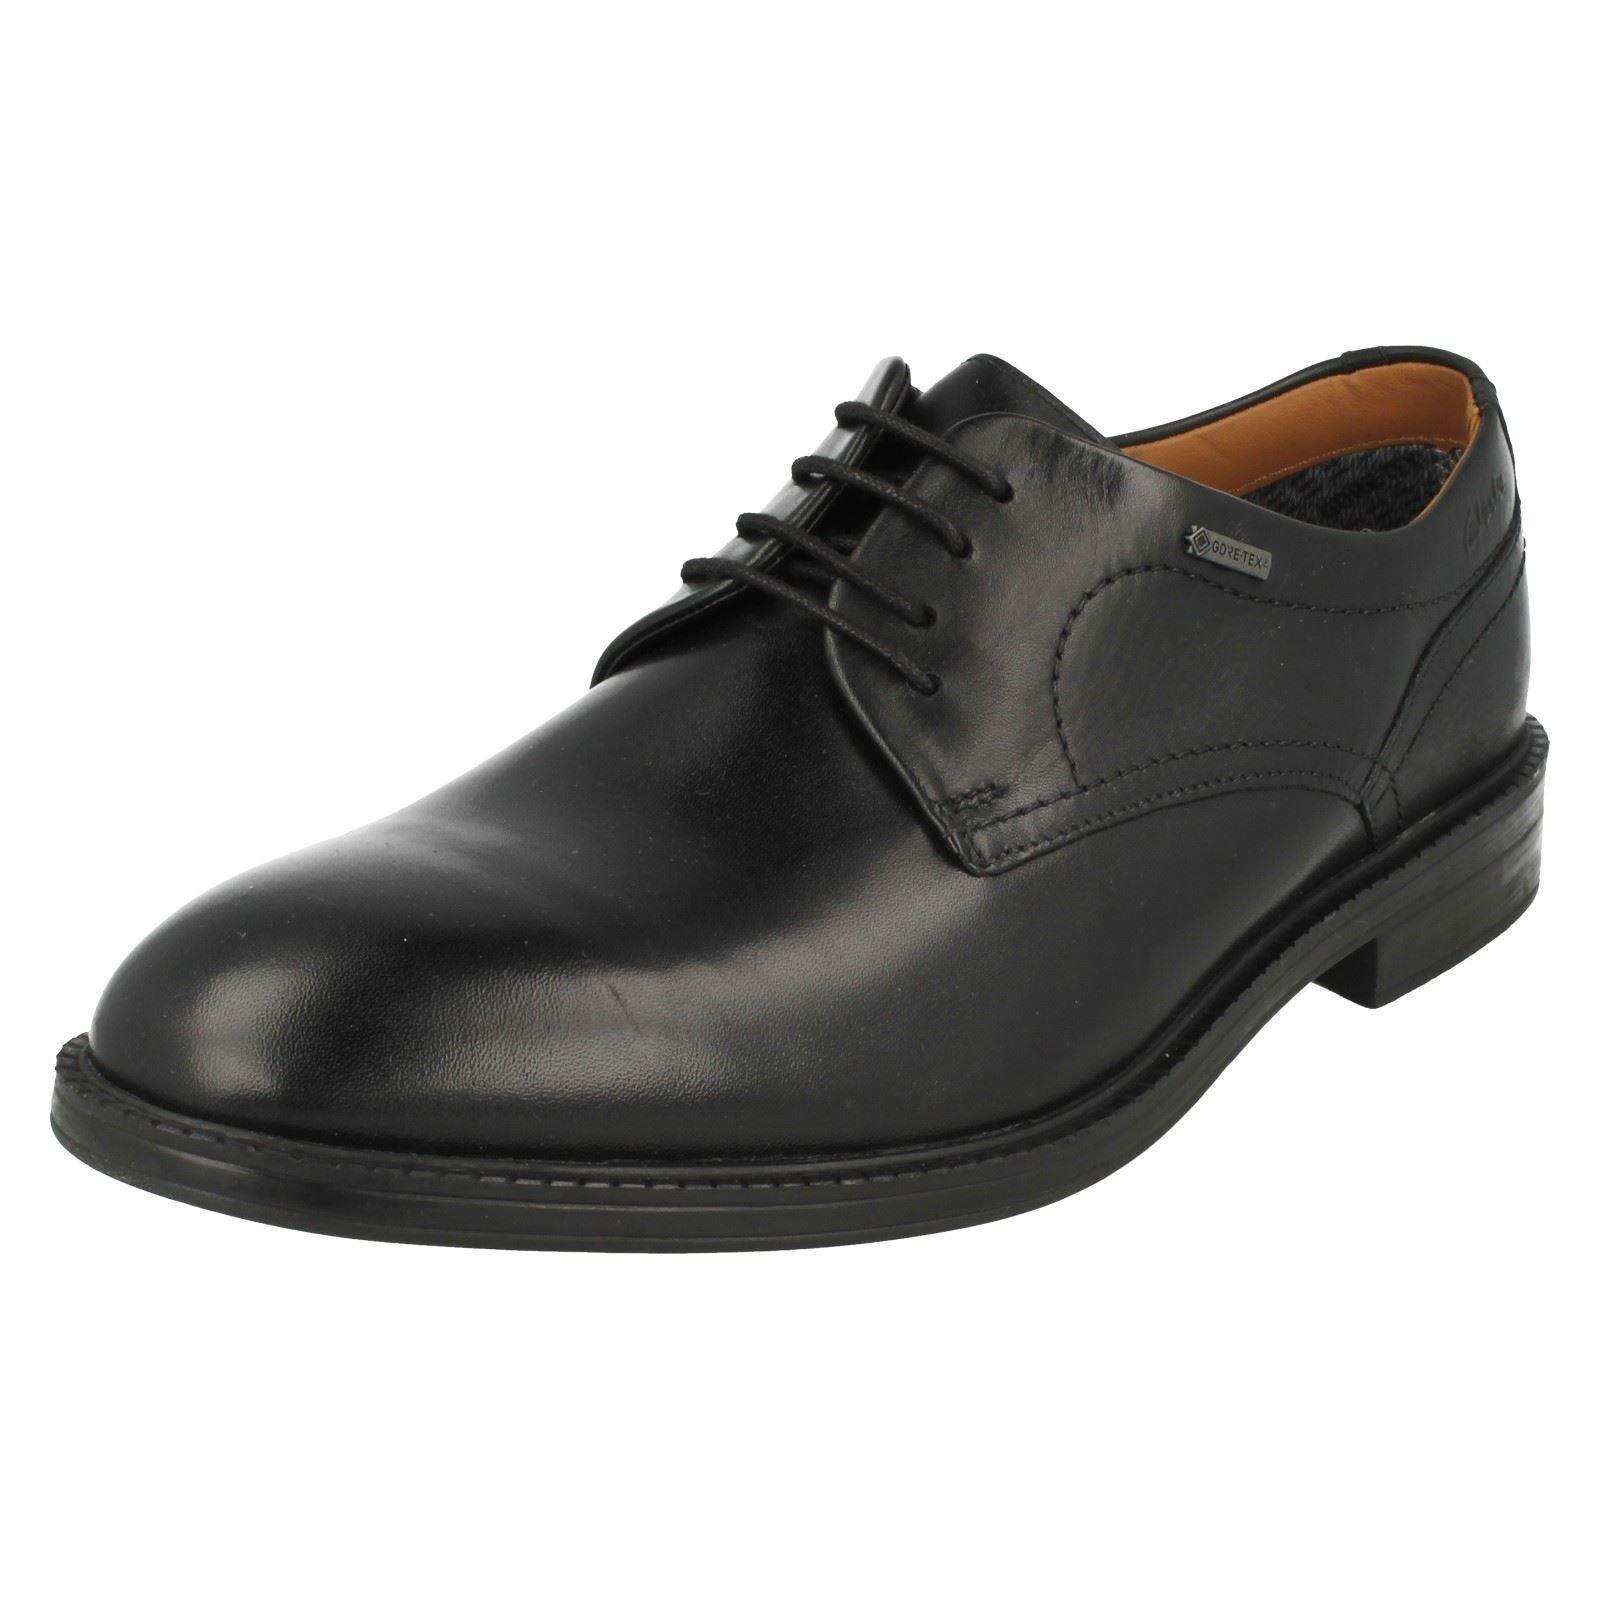 03dbed936b88f7 Herren Clarks Chilver Walk G GTX schwarzes Leder elegant Schnürschuhe G  Walk Fassung 23c249